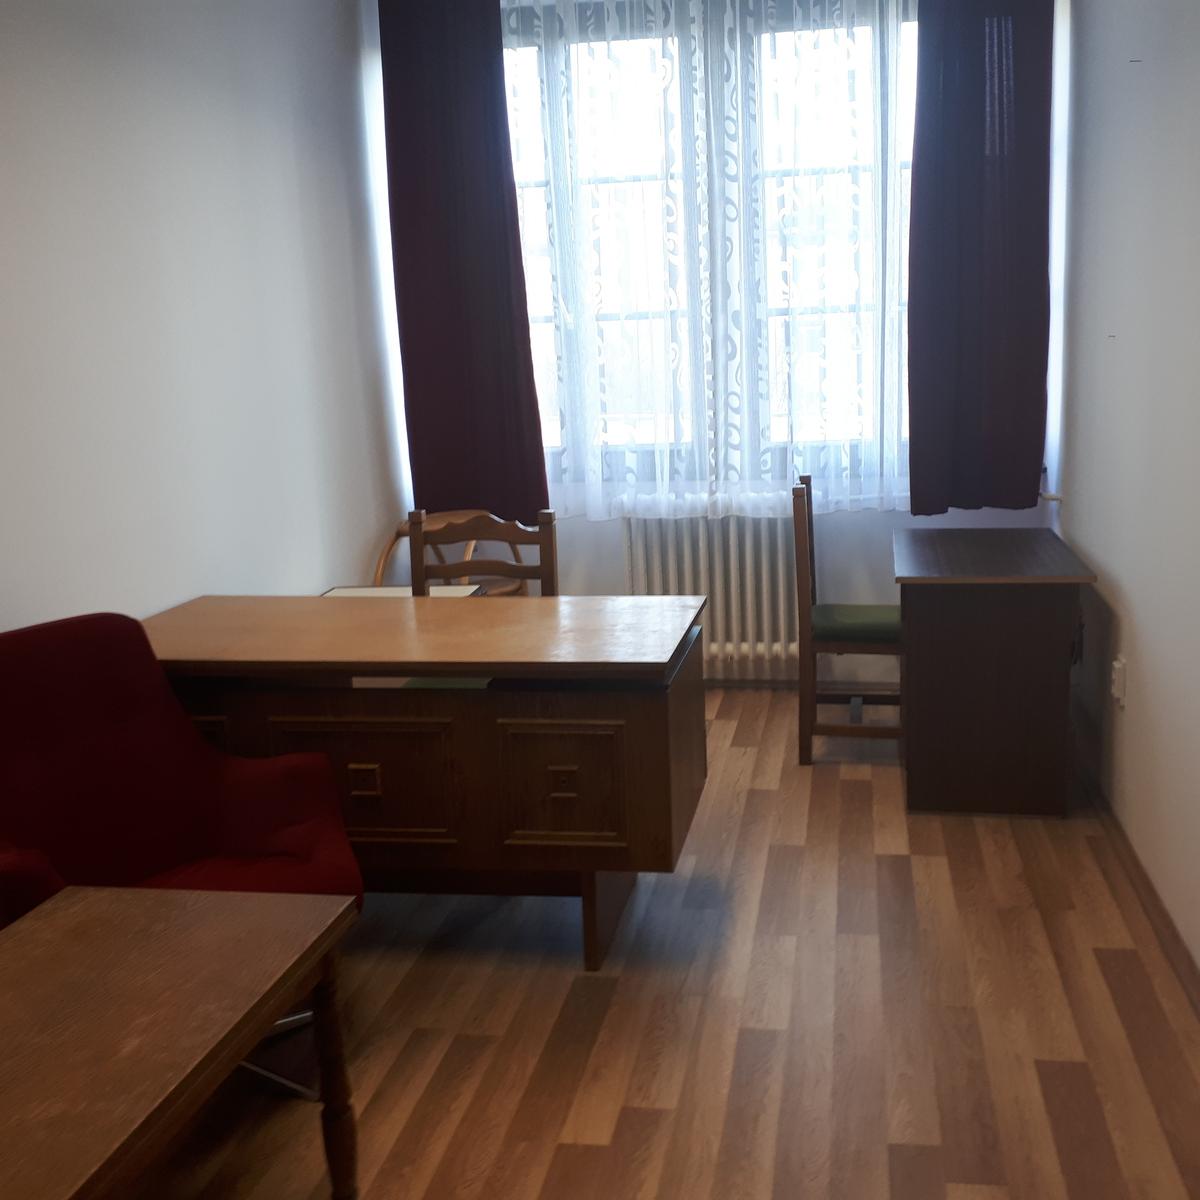 Kiadó  iroda (Szabolcs-Szatmár-Bereg megye, Nyíregyháza, Dózsa György utca) 45 E  Ft/hó